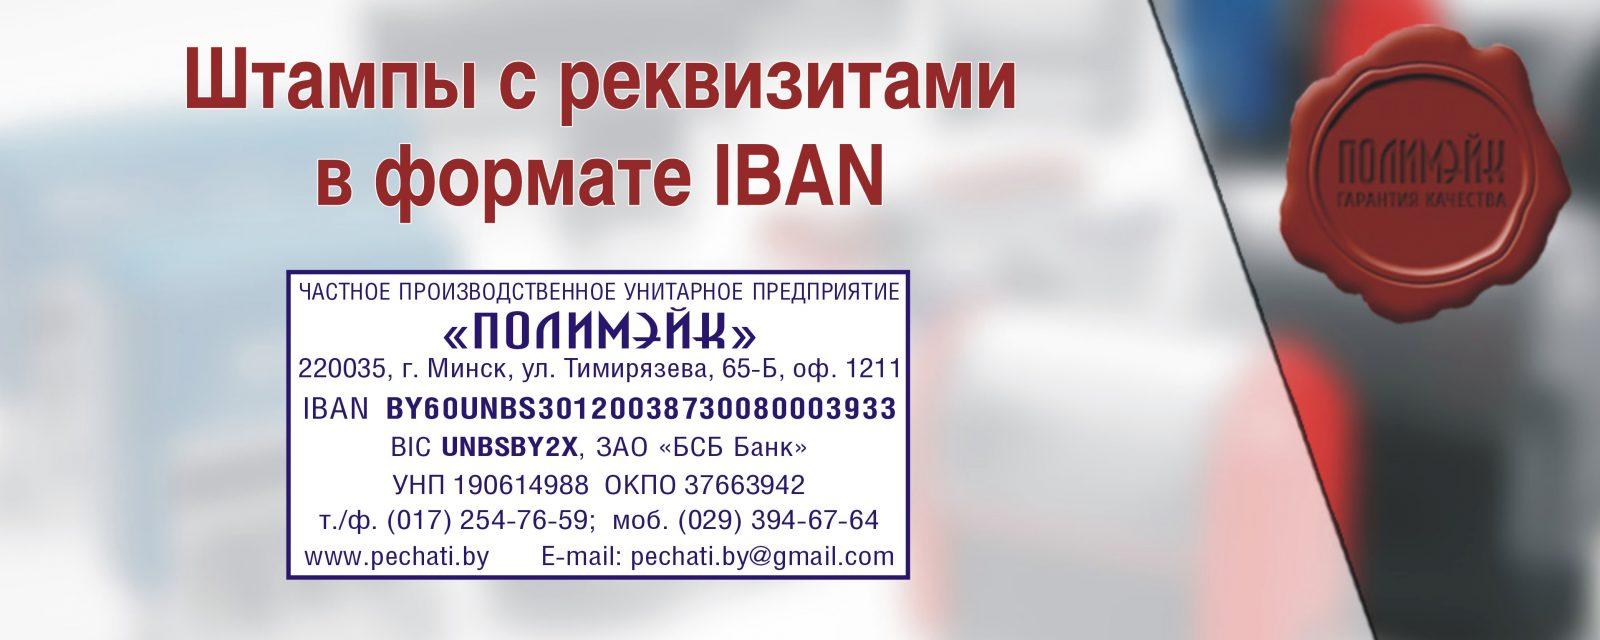 Штампы с реквизитами в формате IBAN